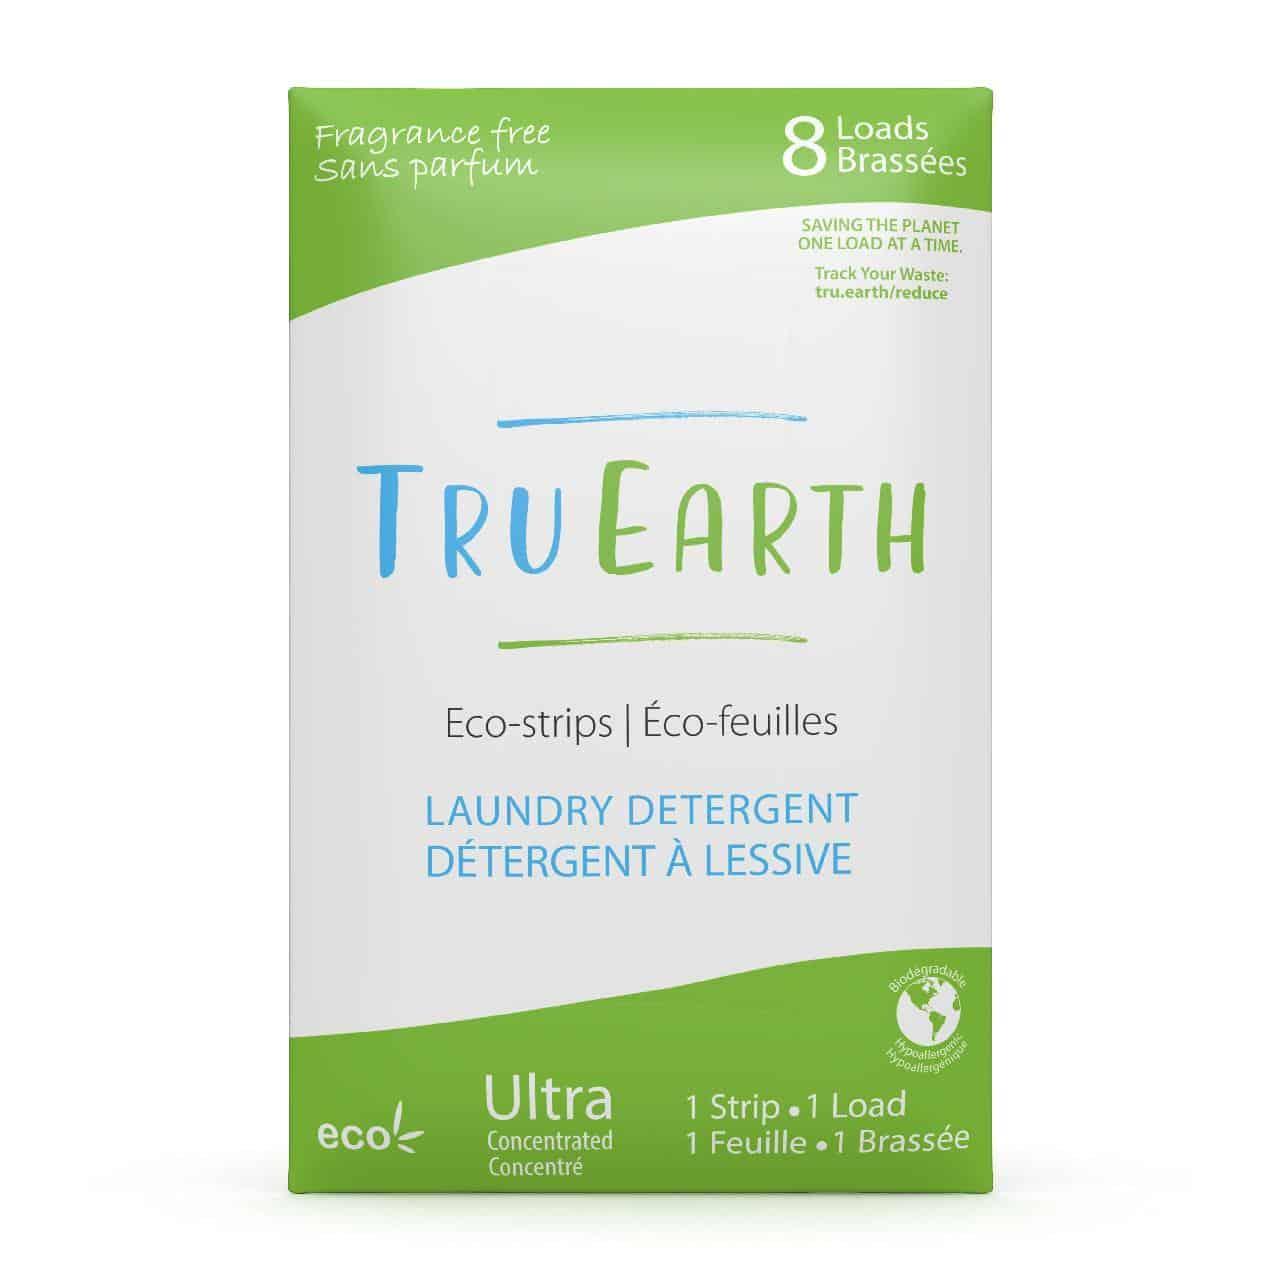 Tru Earth - Tru Earth Eco-strips Laundry Detergent (Fragrance-free) – 8 Loads | NOW: $9.95